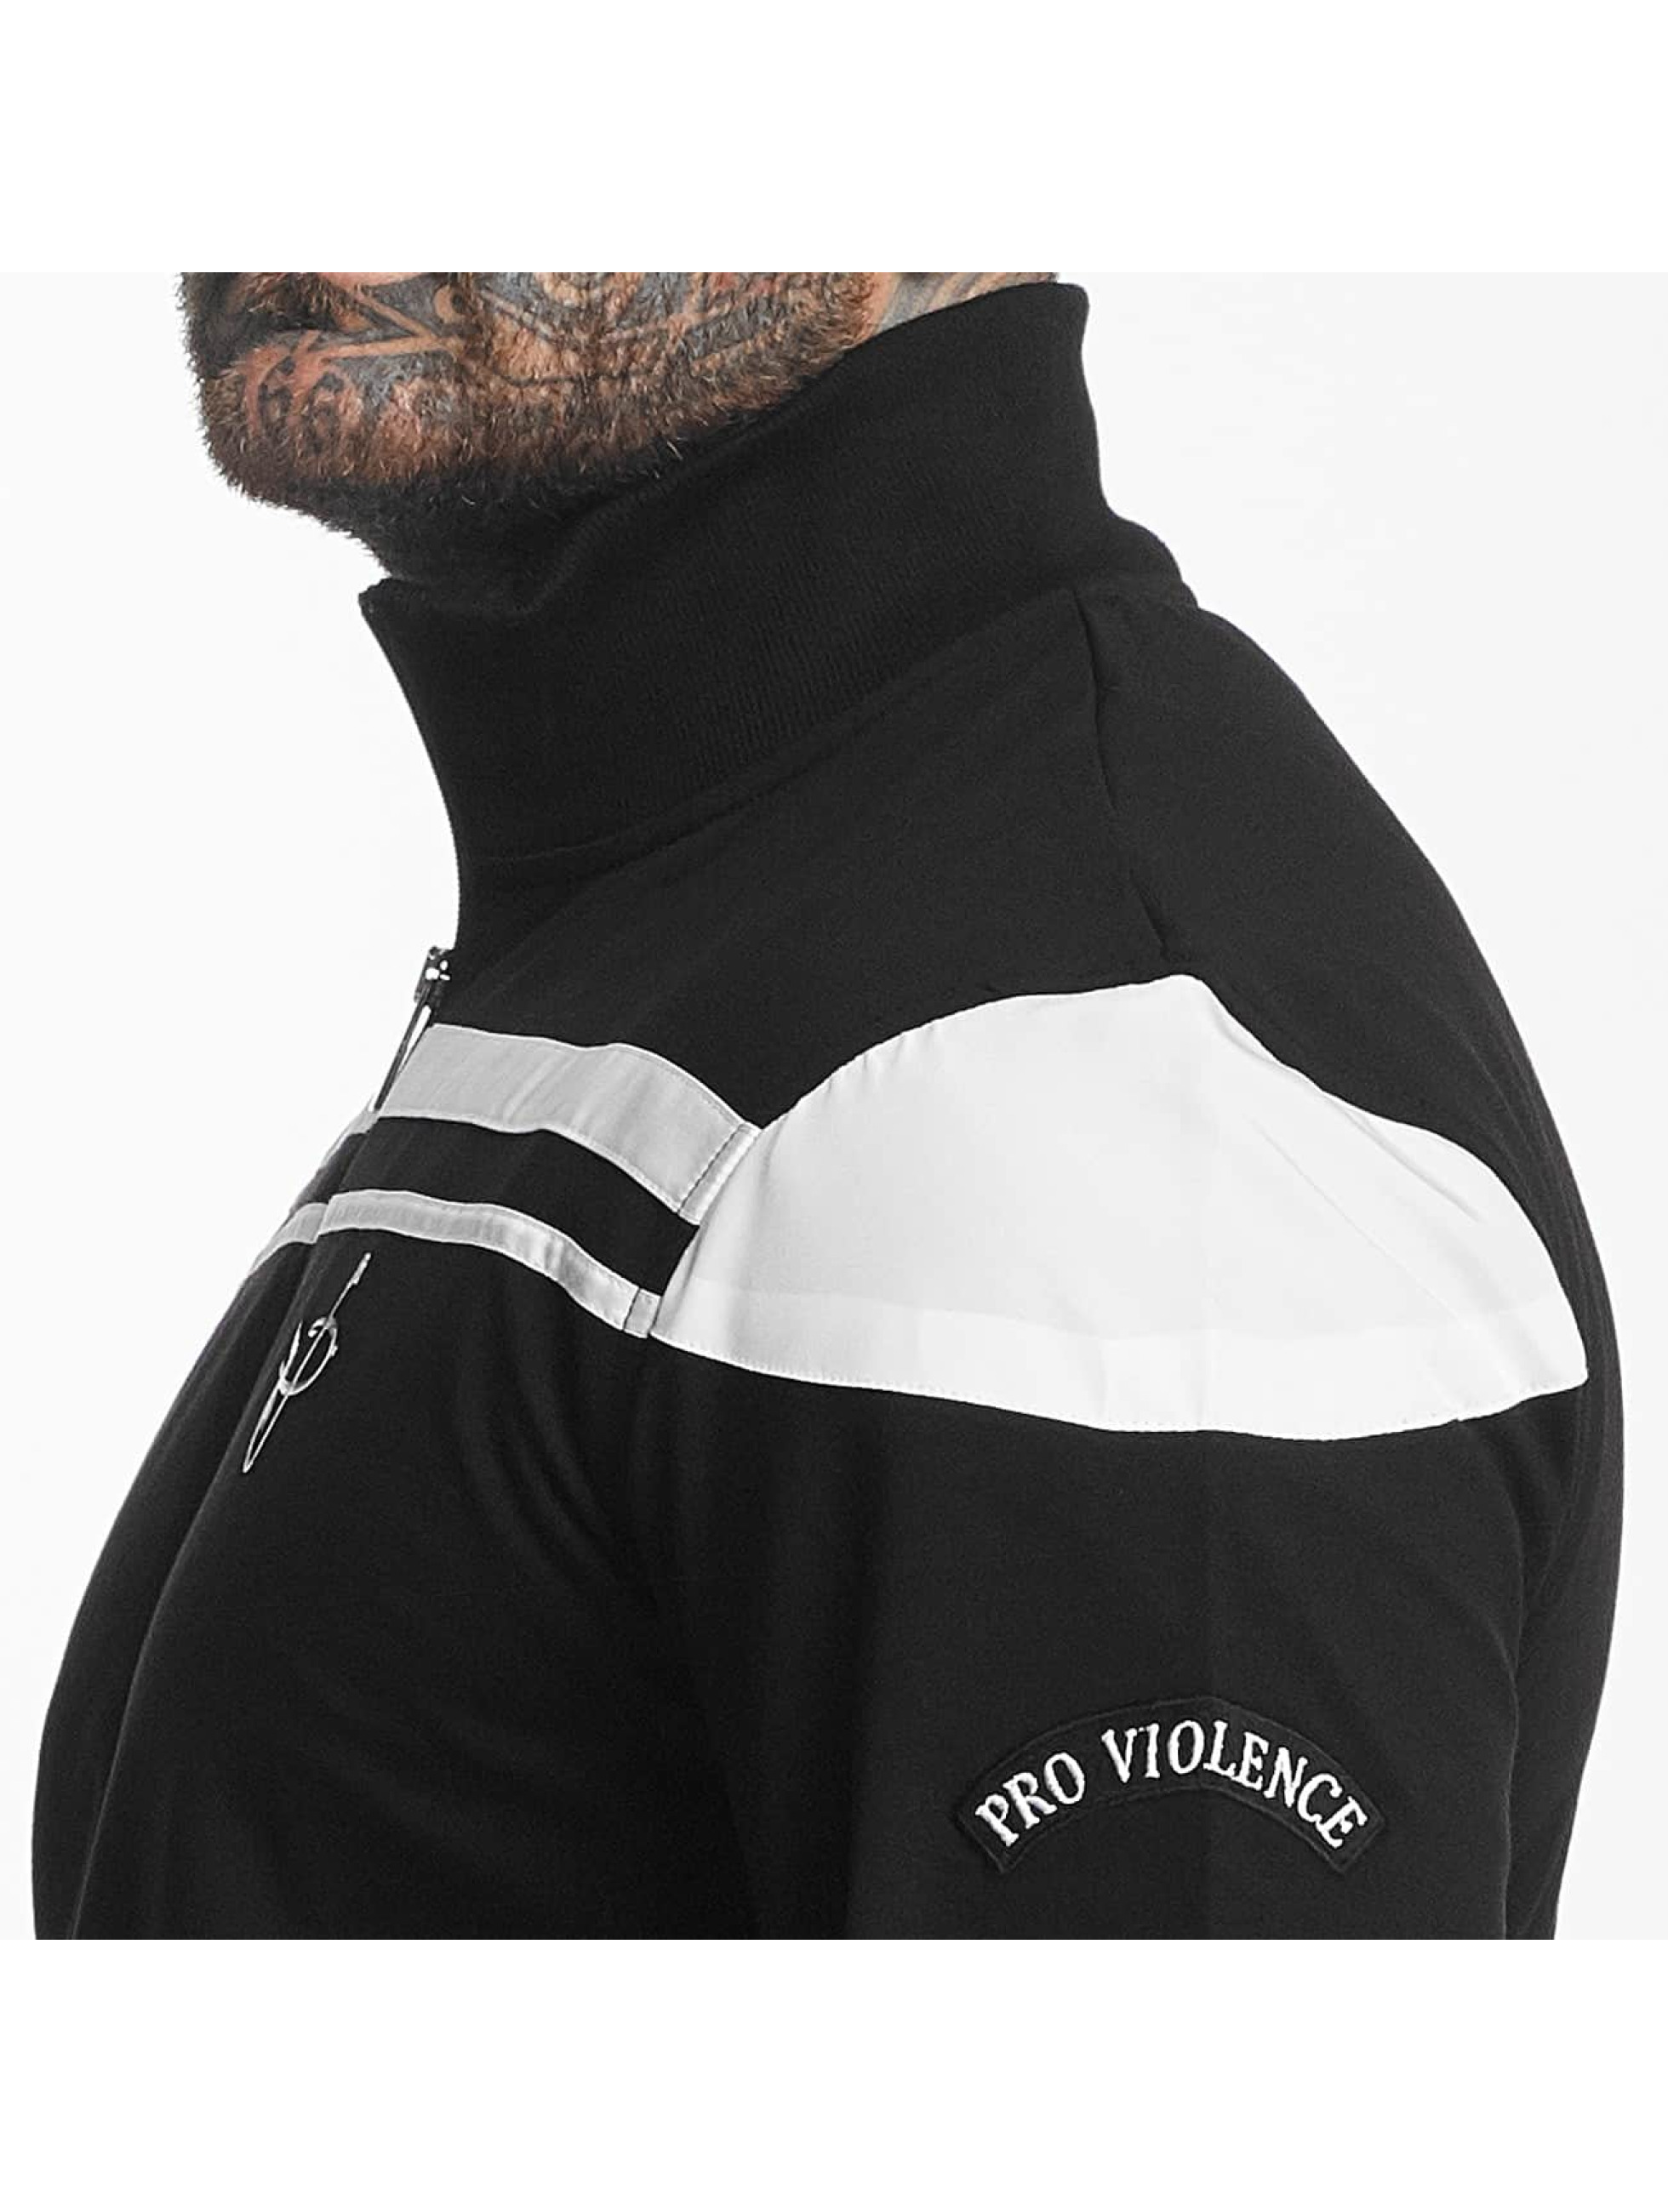 Pro Violence Streetwear Sety Cosy èierna